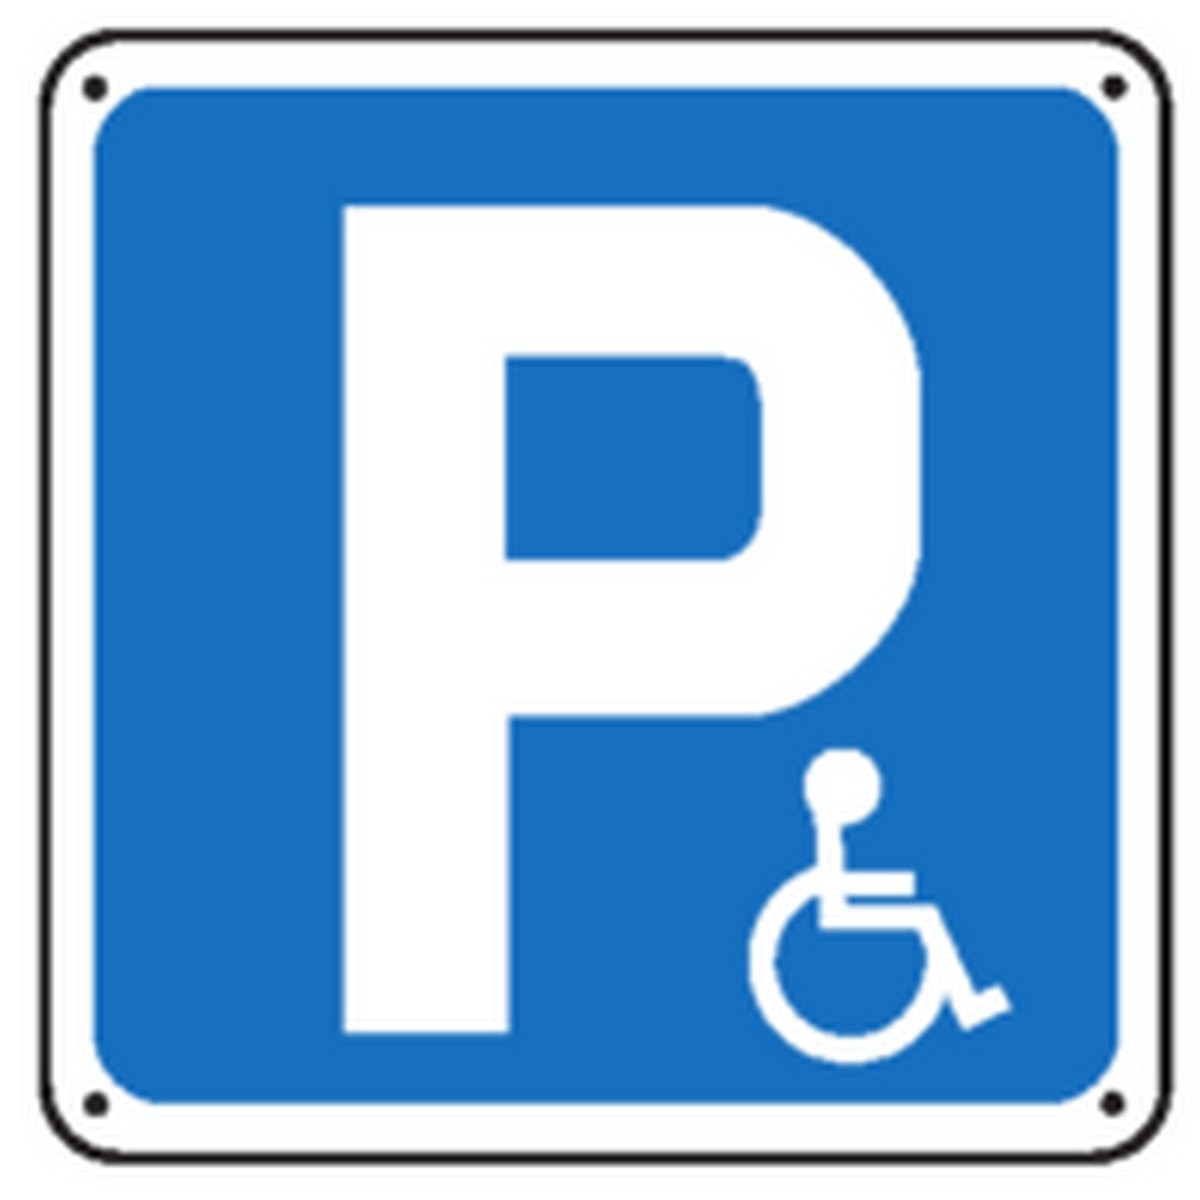 Panneau P Handicapés